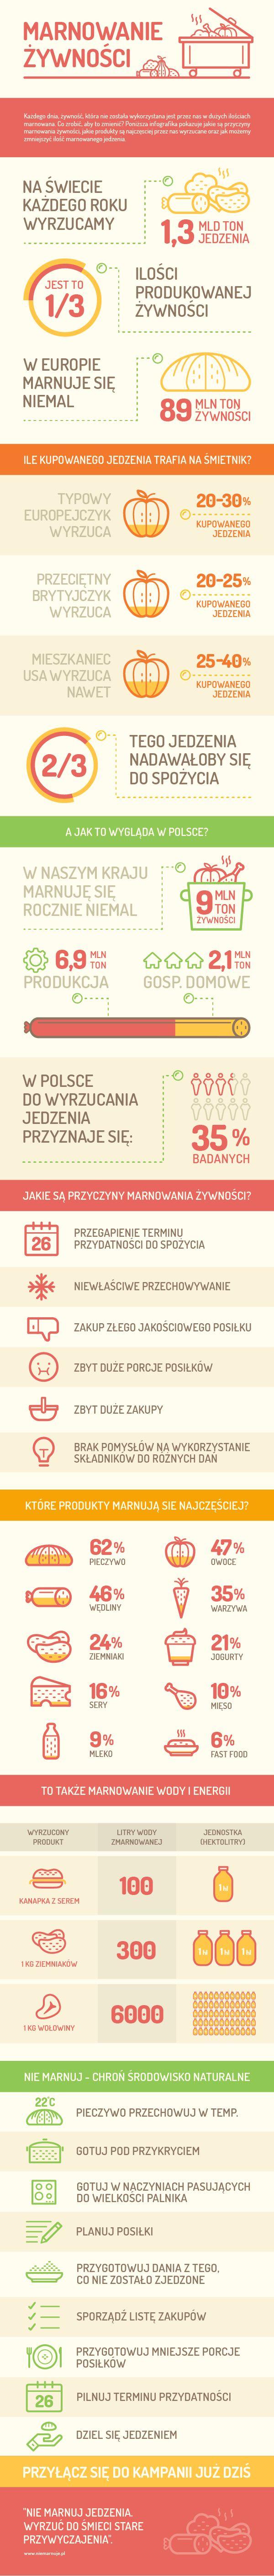 Infographic - Marnowanie żywności / Food waste / on Behance